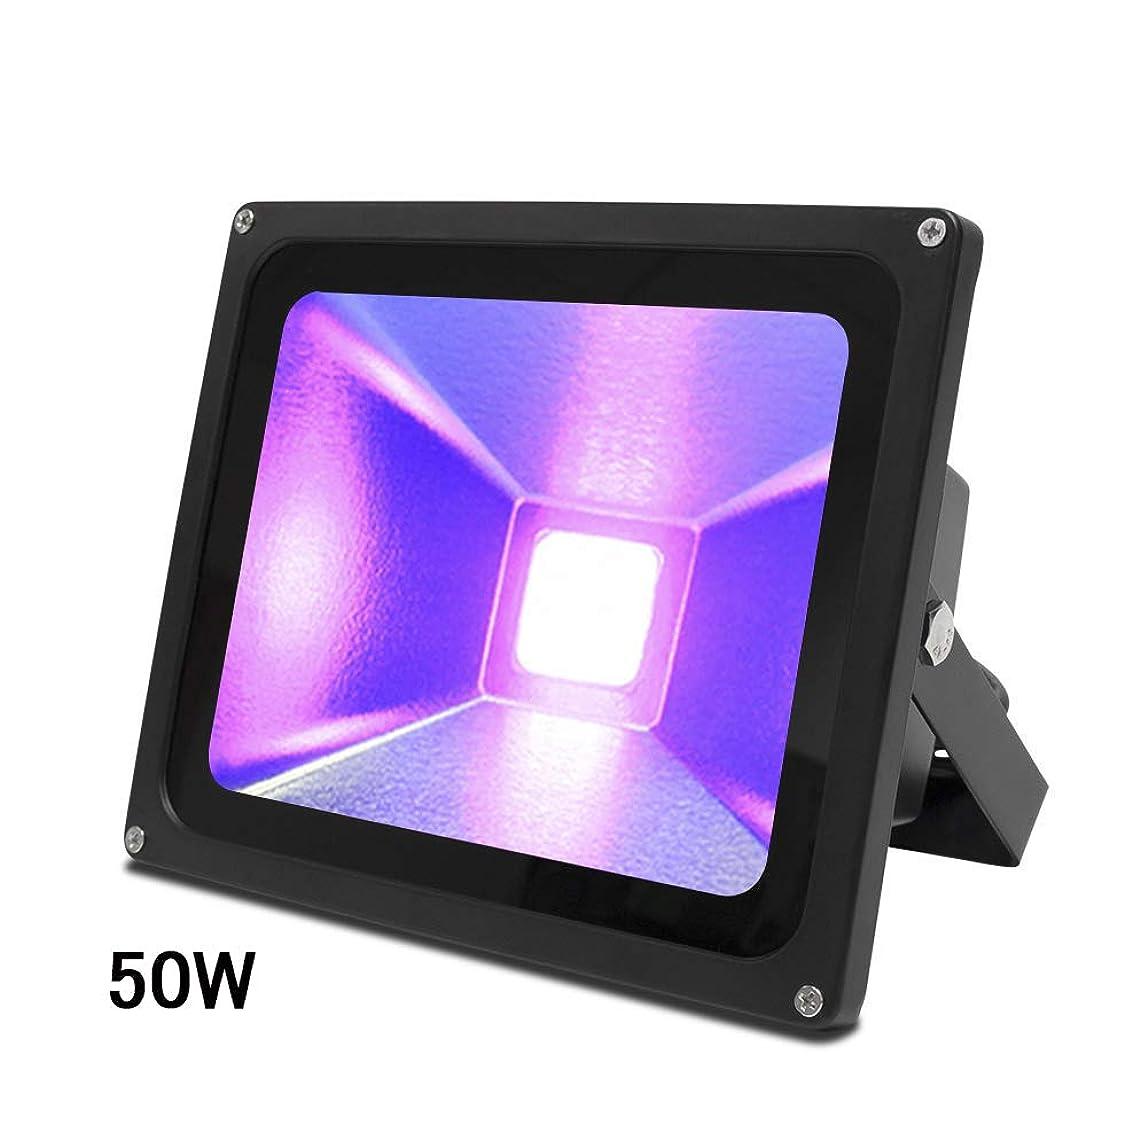 もちろんブリーフケース教育者Signstek紫外線UVブラックライト 紫外線ライト LED投光器 防水IP65 パーティー用品 釣り水族館 DJディスコ 舞台照明 雰囲気を作り 50W